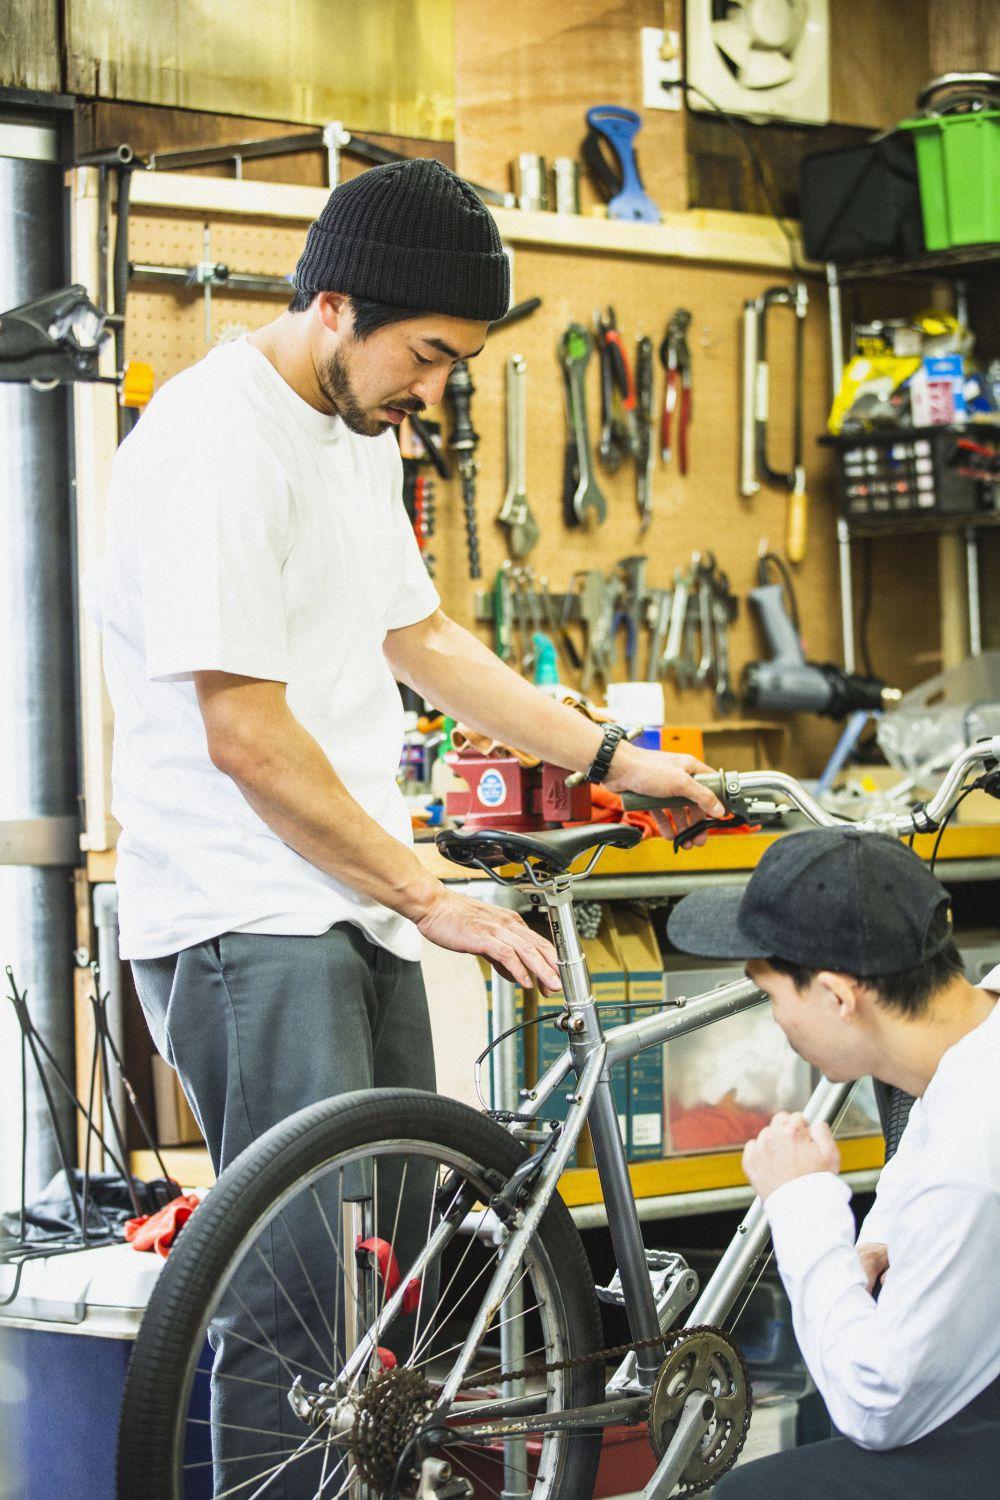 セオリーを超えたDIYなカスタムは<br>チャリが人の生活に寄り添うために<br>– WOOD VILLAGE CYCLES –